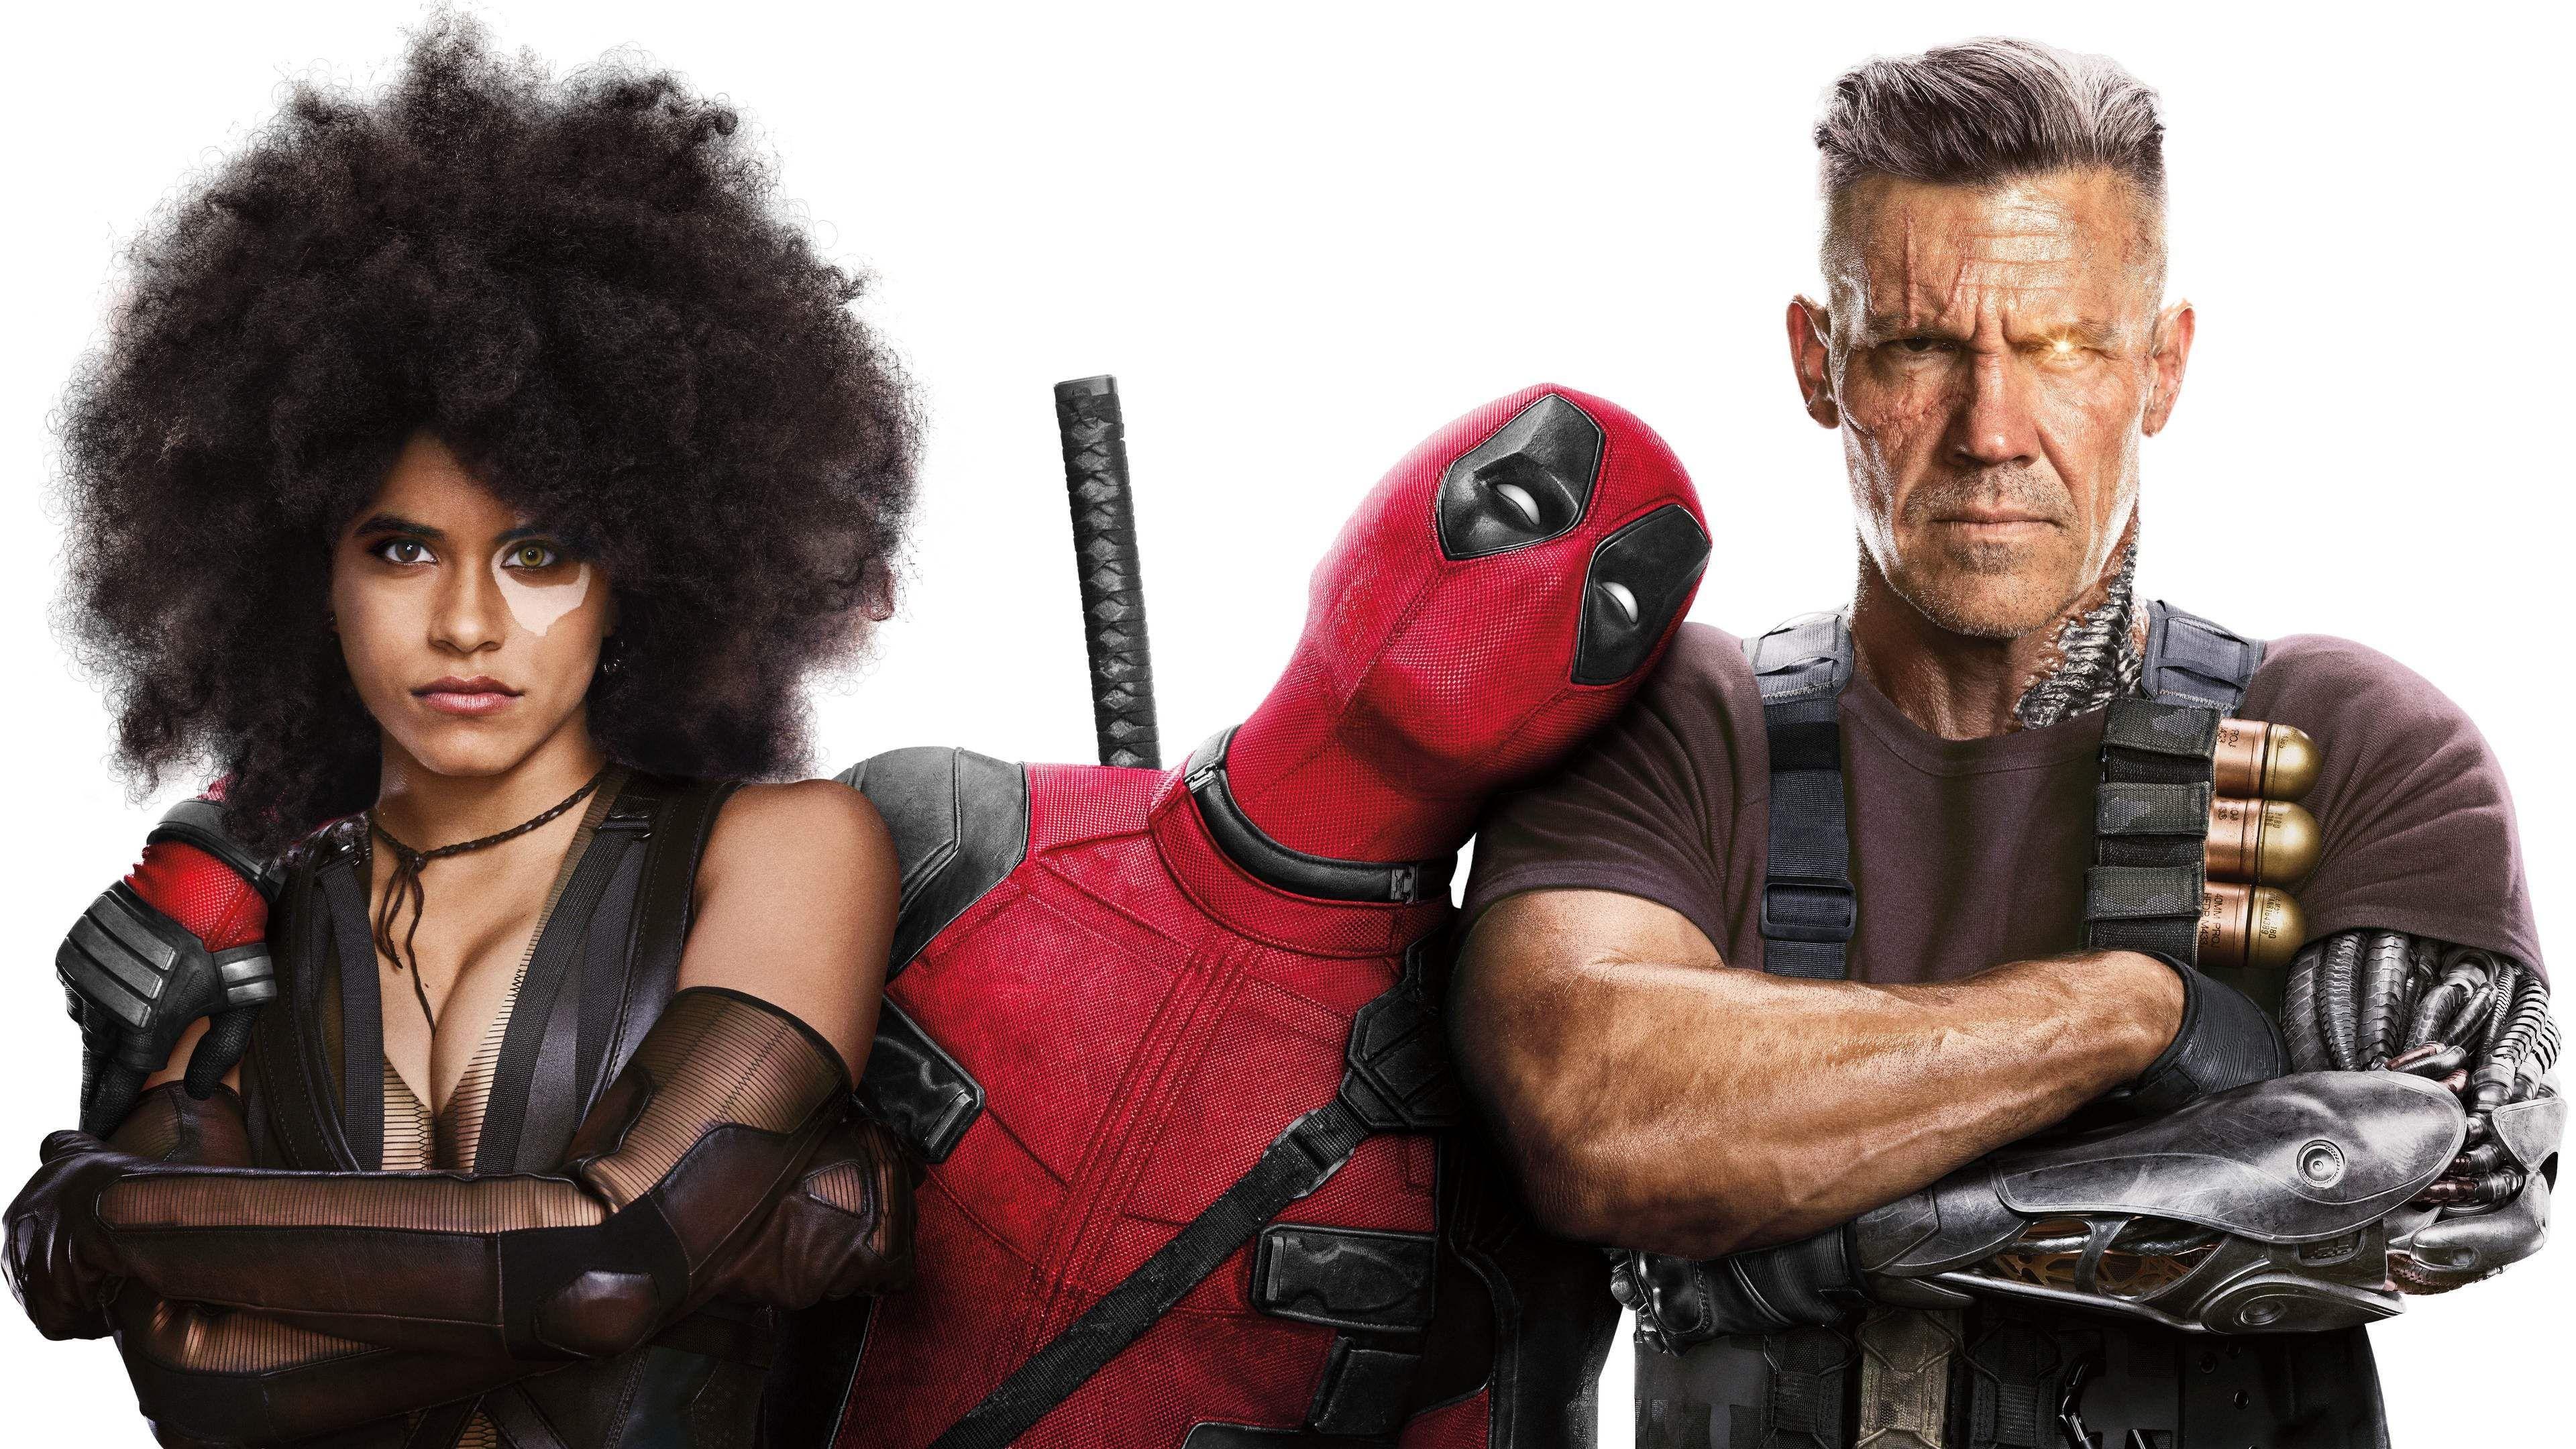 Deadpool 2 2018 Pelicula Online Subtitulada Spanish Peliculas Completas 2018 Pelicula Completa 2018 Pelicula Com Deadpool 2 Movie Deadpool Free Movies Online